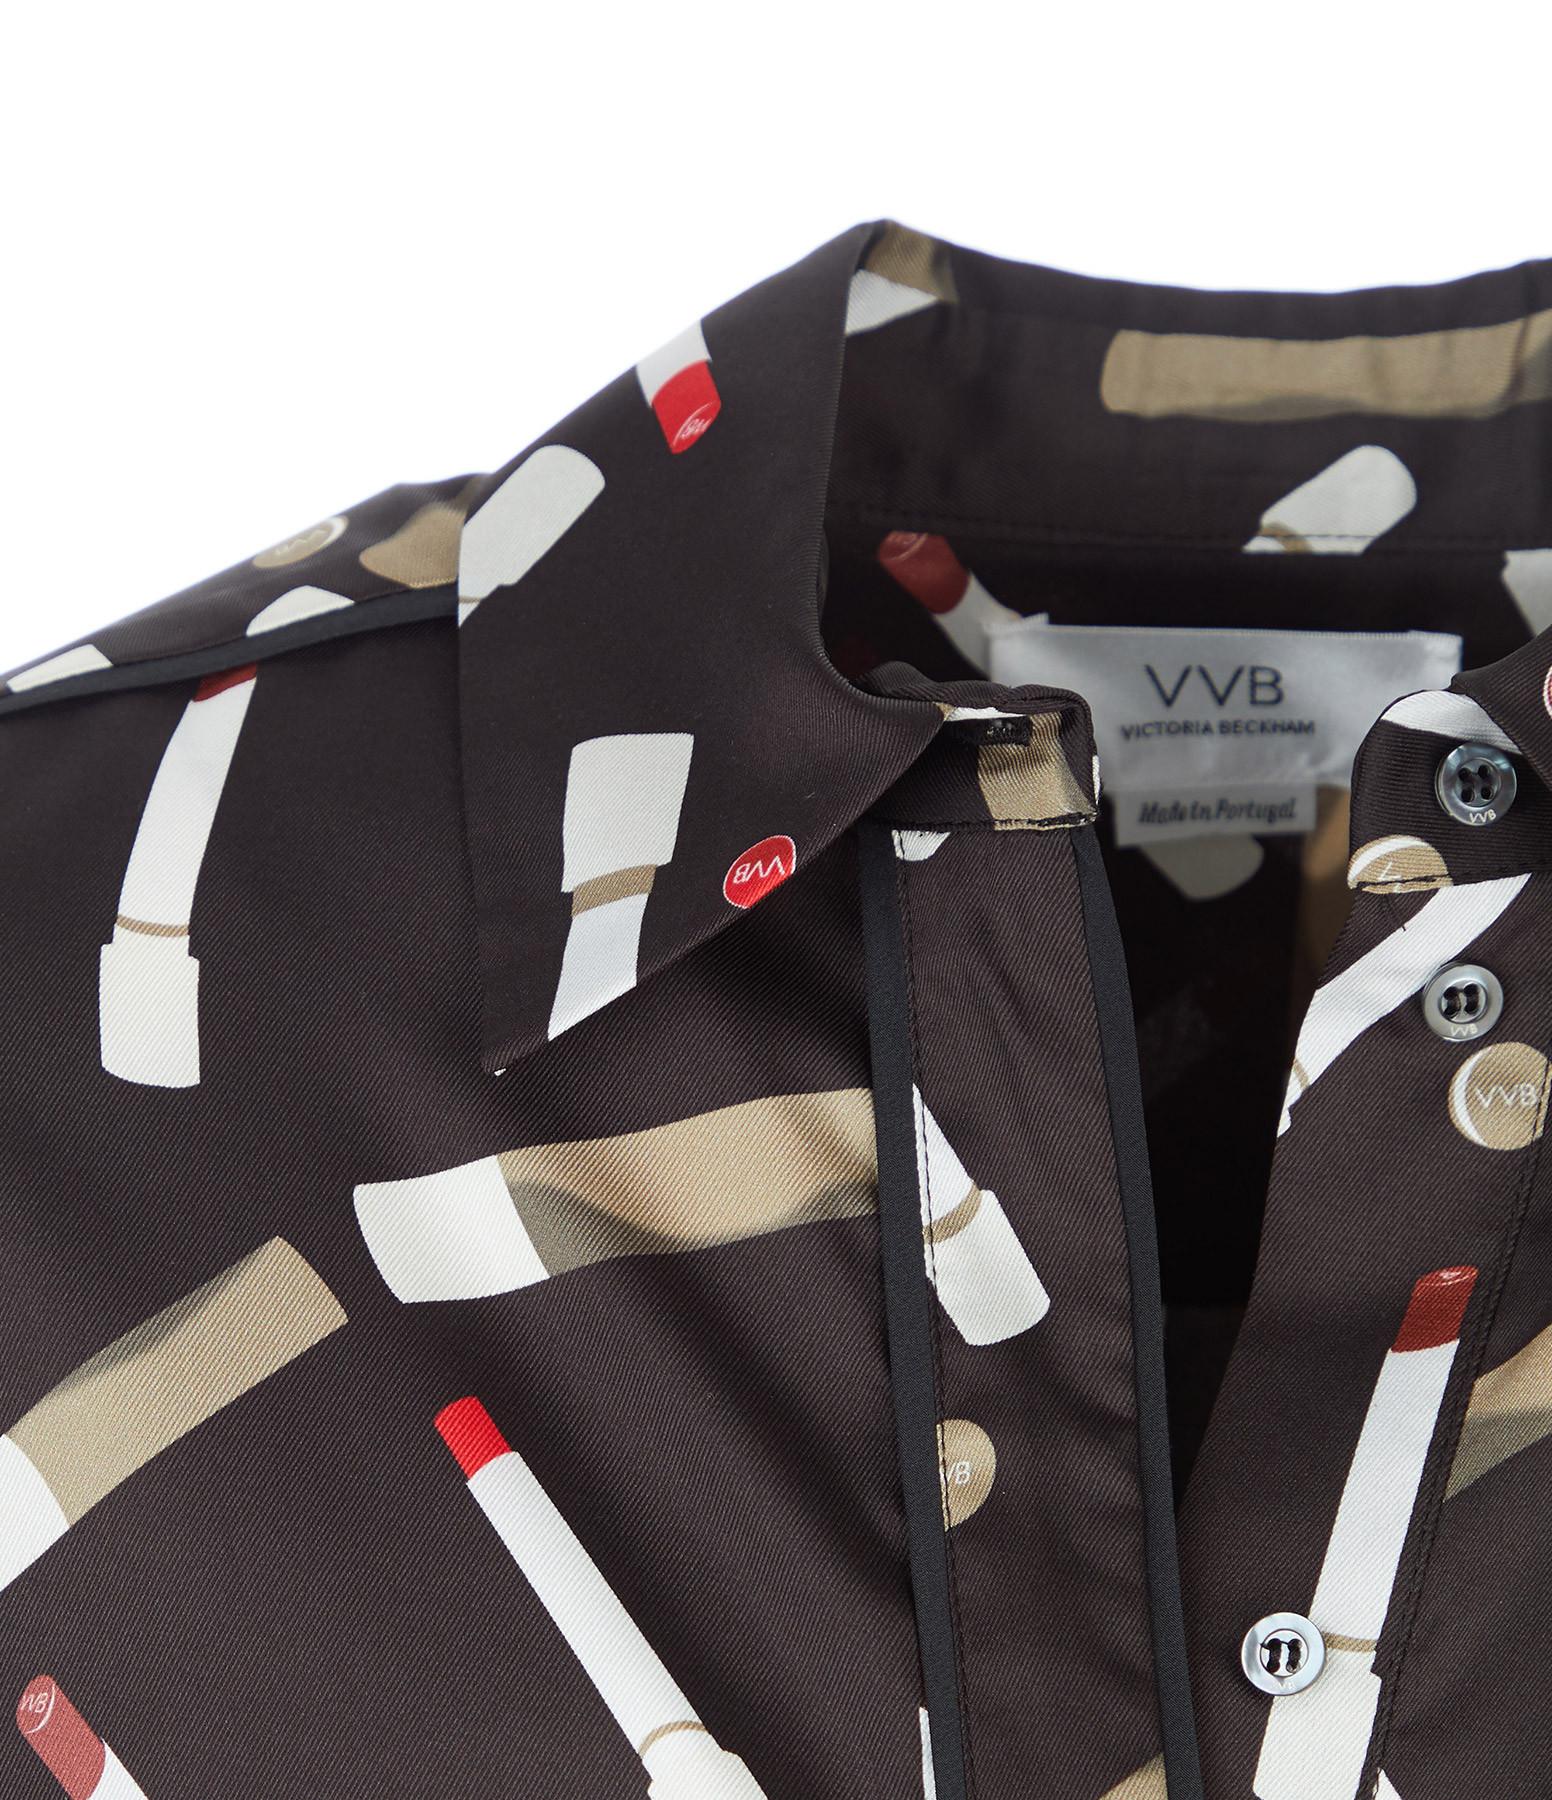 VICTORIA VICTORIA BECKHAM - Robe Chemise Imprimé Recyclé Noir